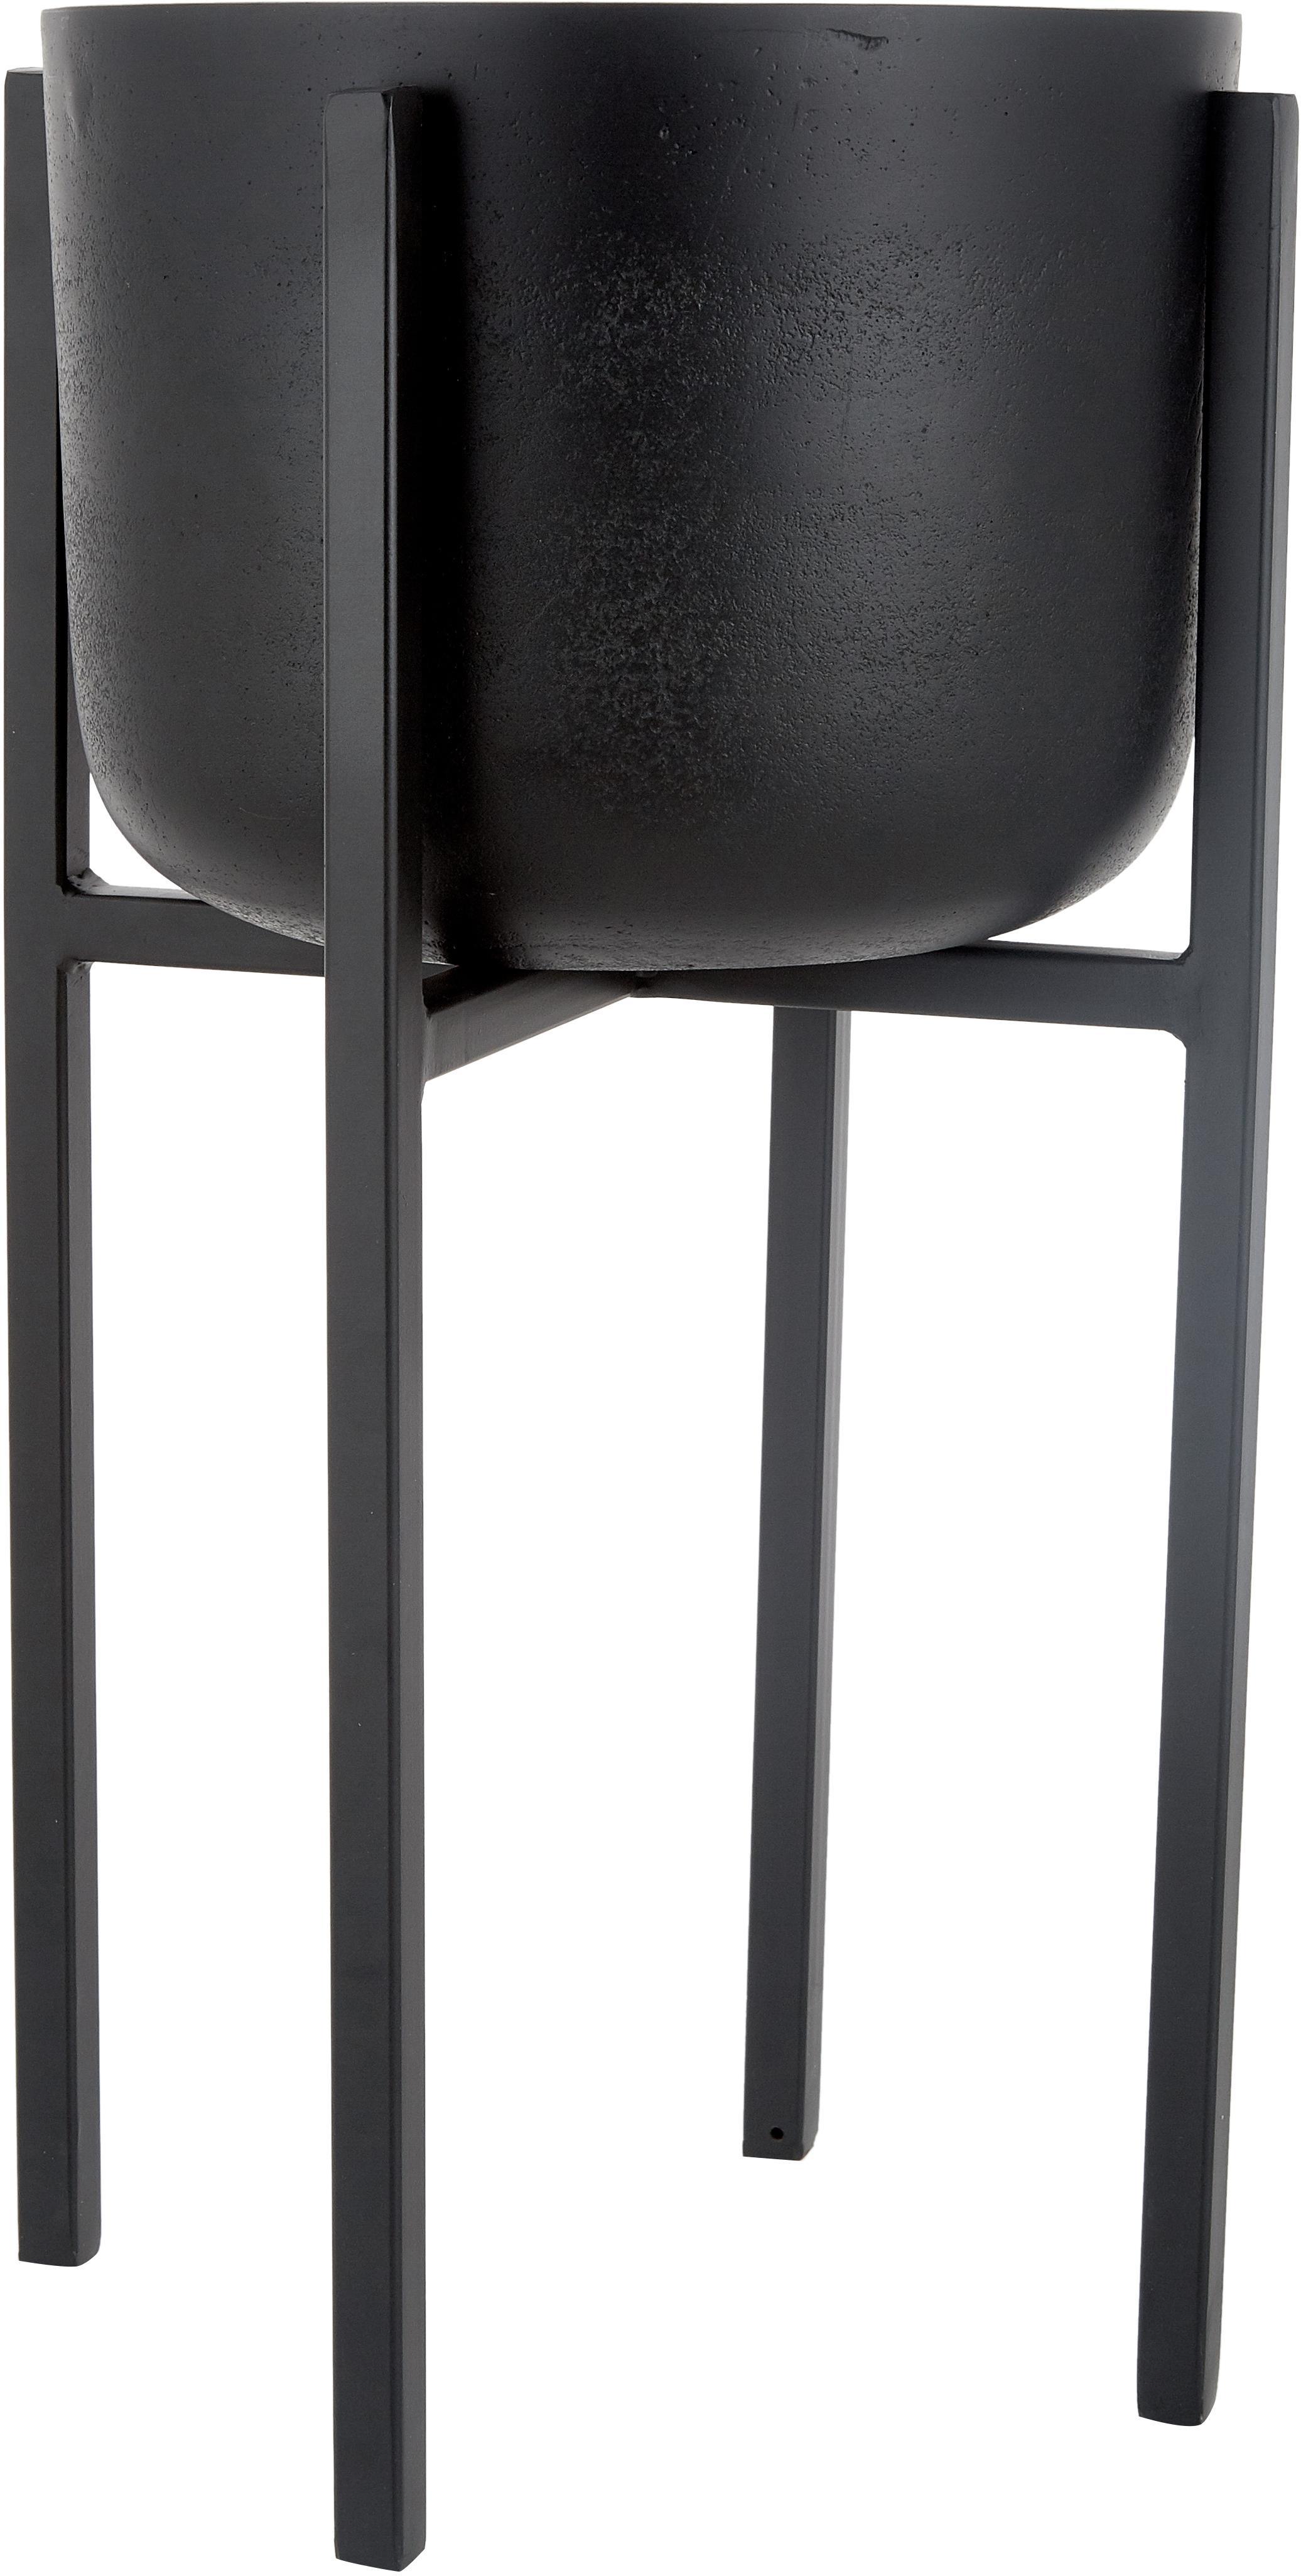 Übertopf Minell, Übertopf: Aluminium, oxidiert, besc, Gestell: Metall, beschichtet, Schwarz, Ø 28 x H 50 cm